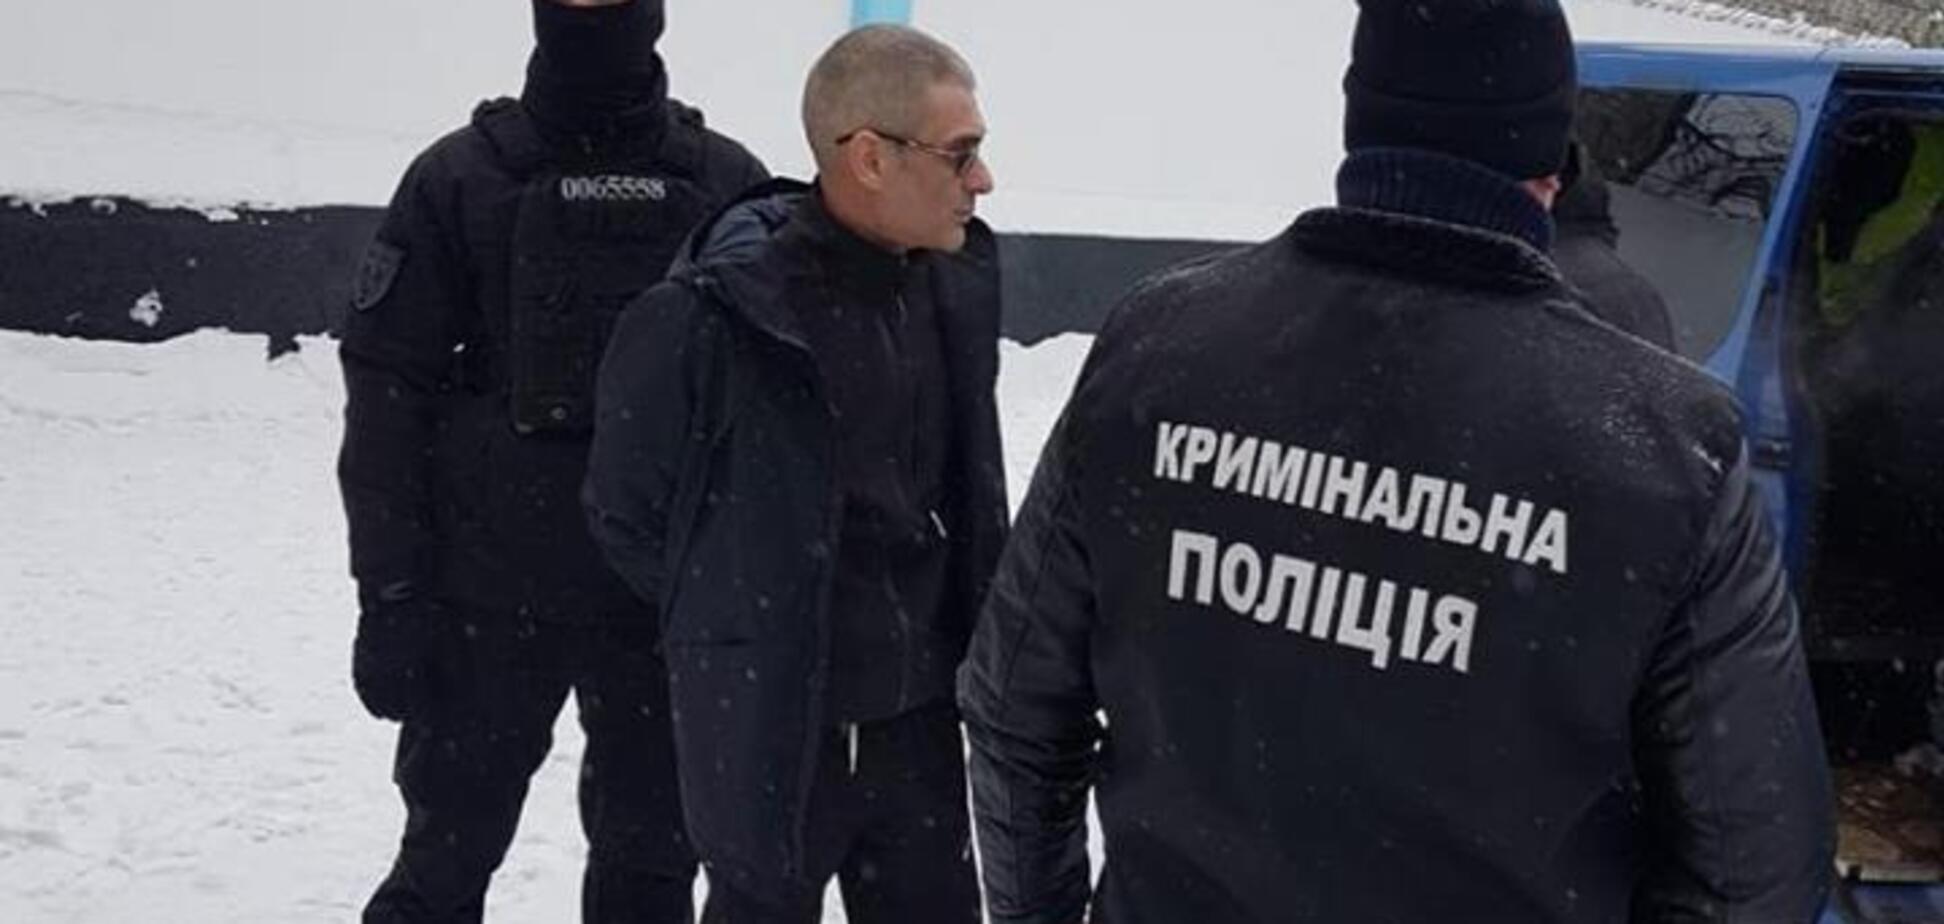 Грузинського кримінального авторитета видворили з України: в поліції розкрили деталі